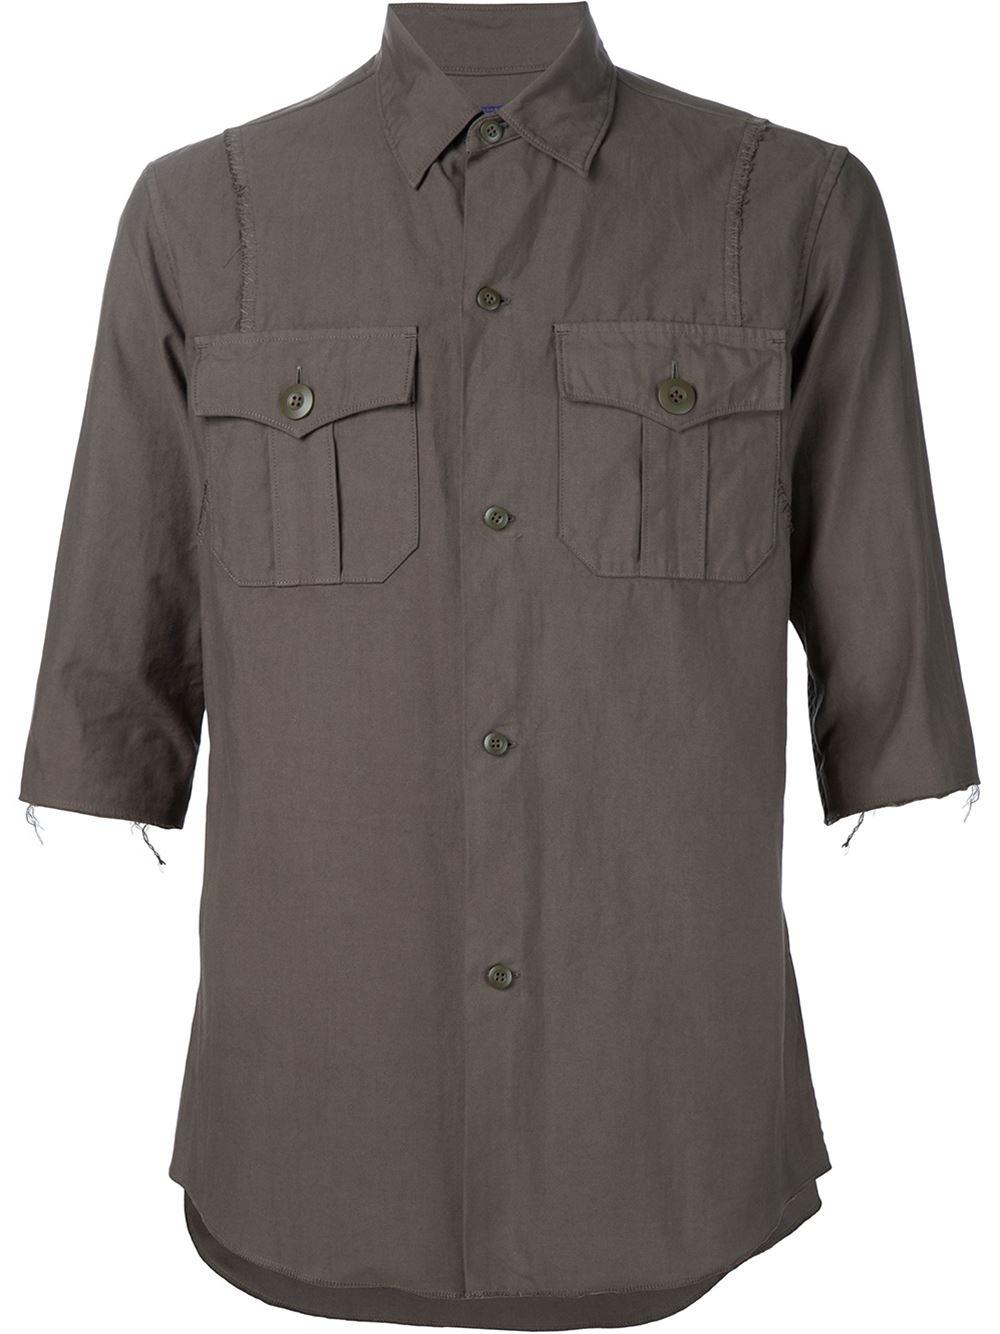 Safari Shirt Cognac Heels: Undercover Safari Shirt In Gray For Men (BROWN)